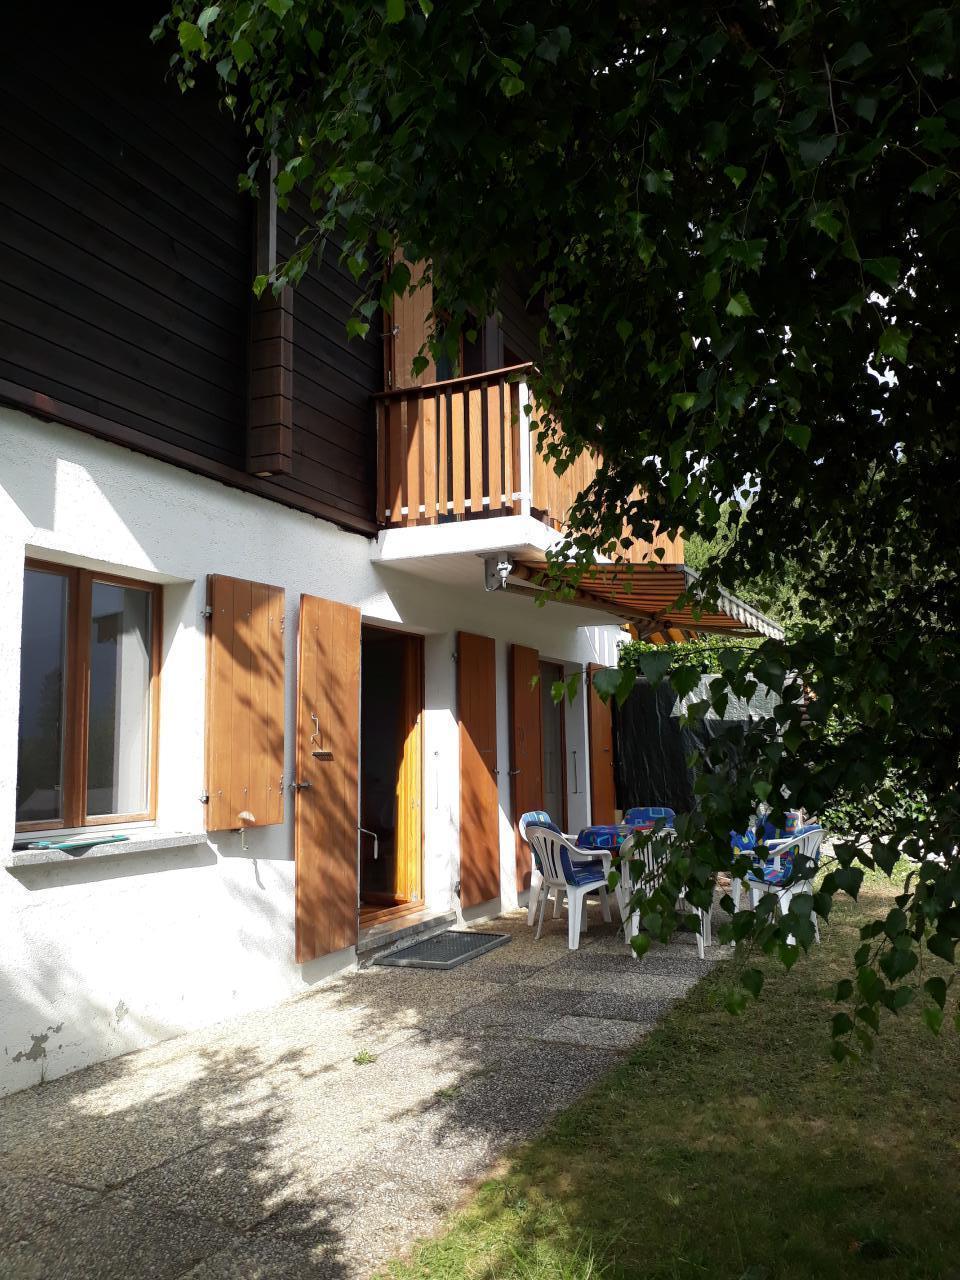 Maison de vacances Chalet Paprika (383057), Crans-sur-Sierre, Crans-Montana - Anzère, Valais, Suisse, image 22